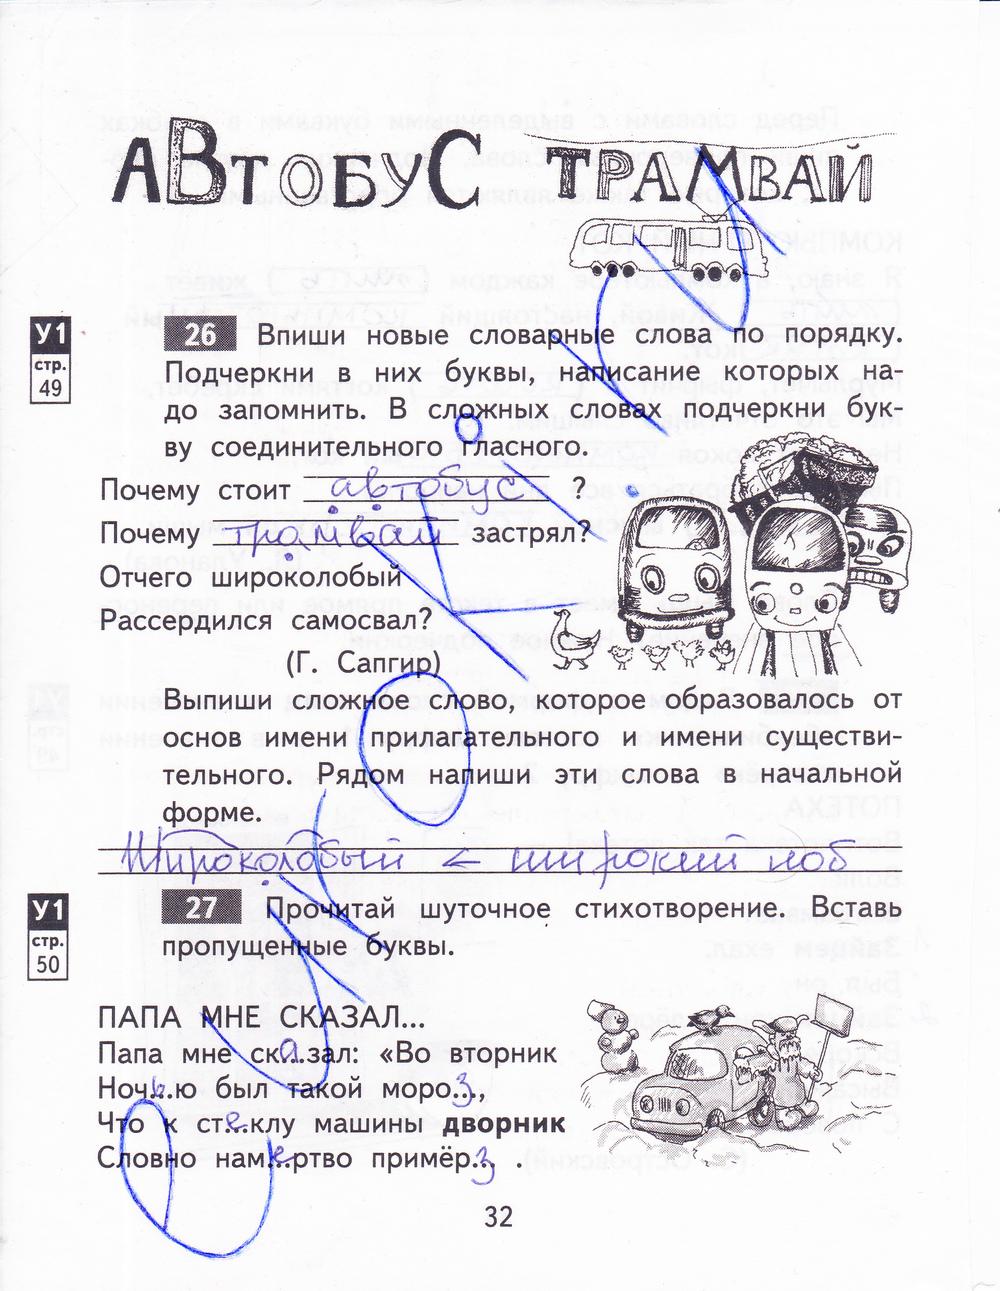 Скачать бесплатно гдз рабочая тетрадь 1 по русскому языку 3 класс байкова